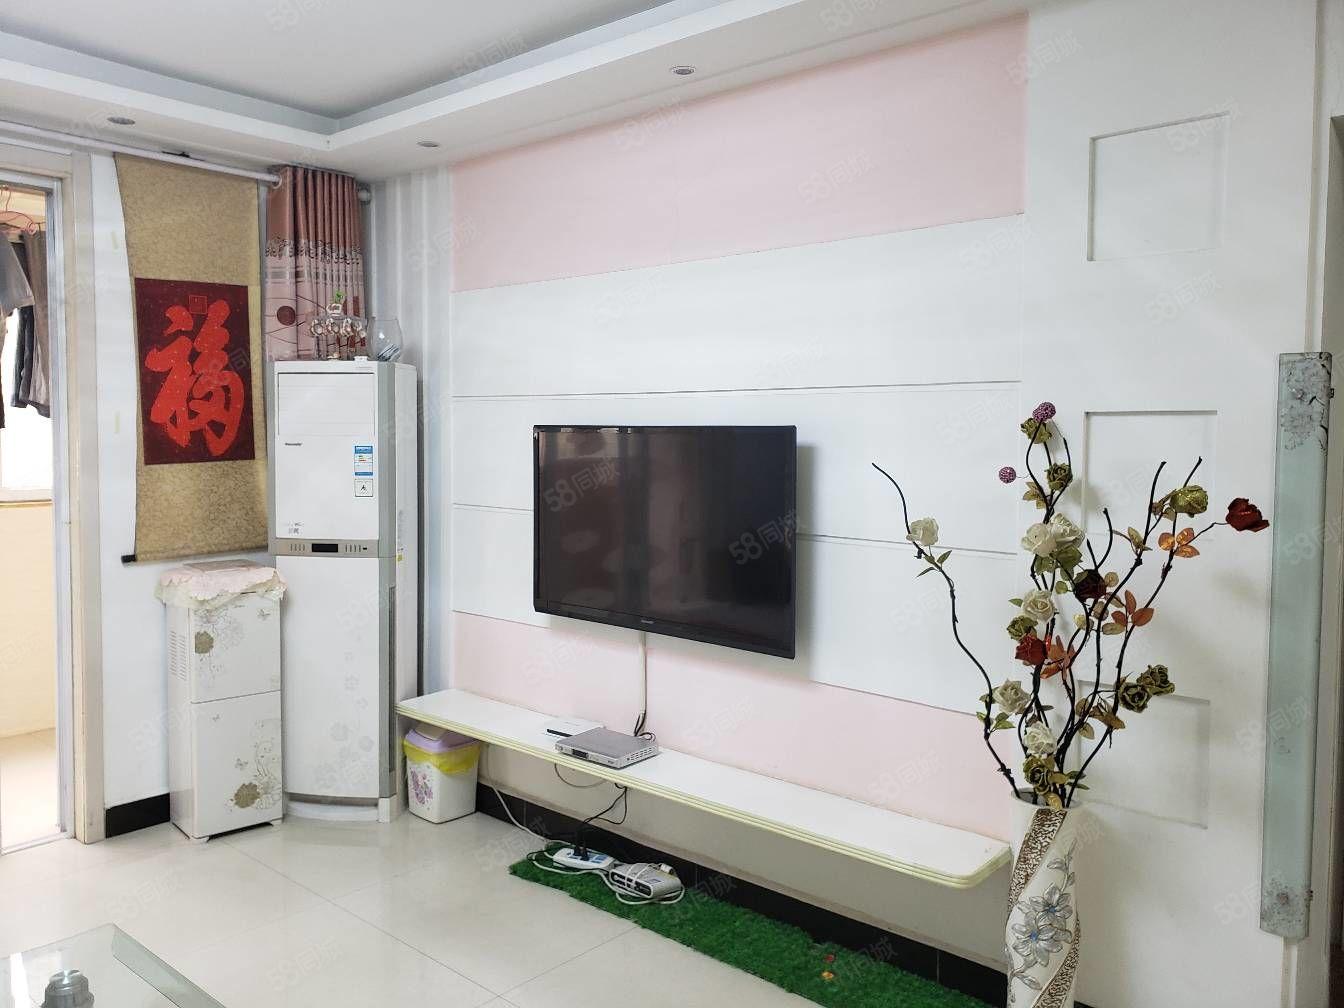 问天三期3室2厅2卫精装修送全部家具家电产证齐全可贷